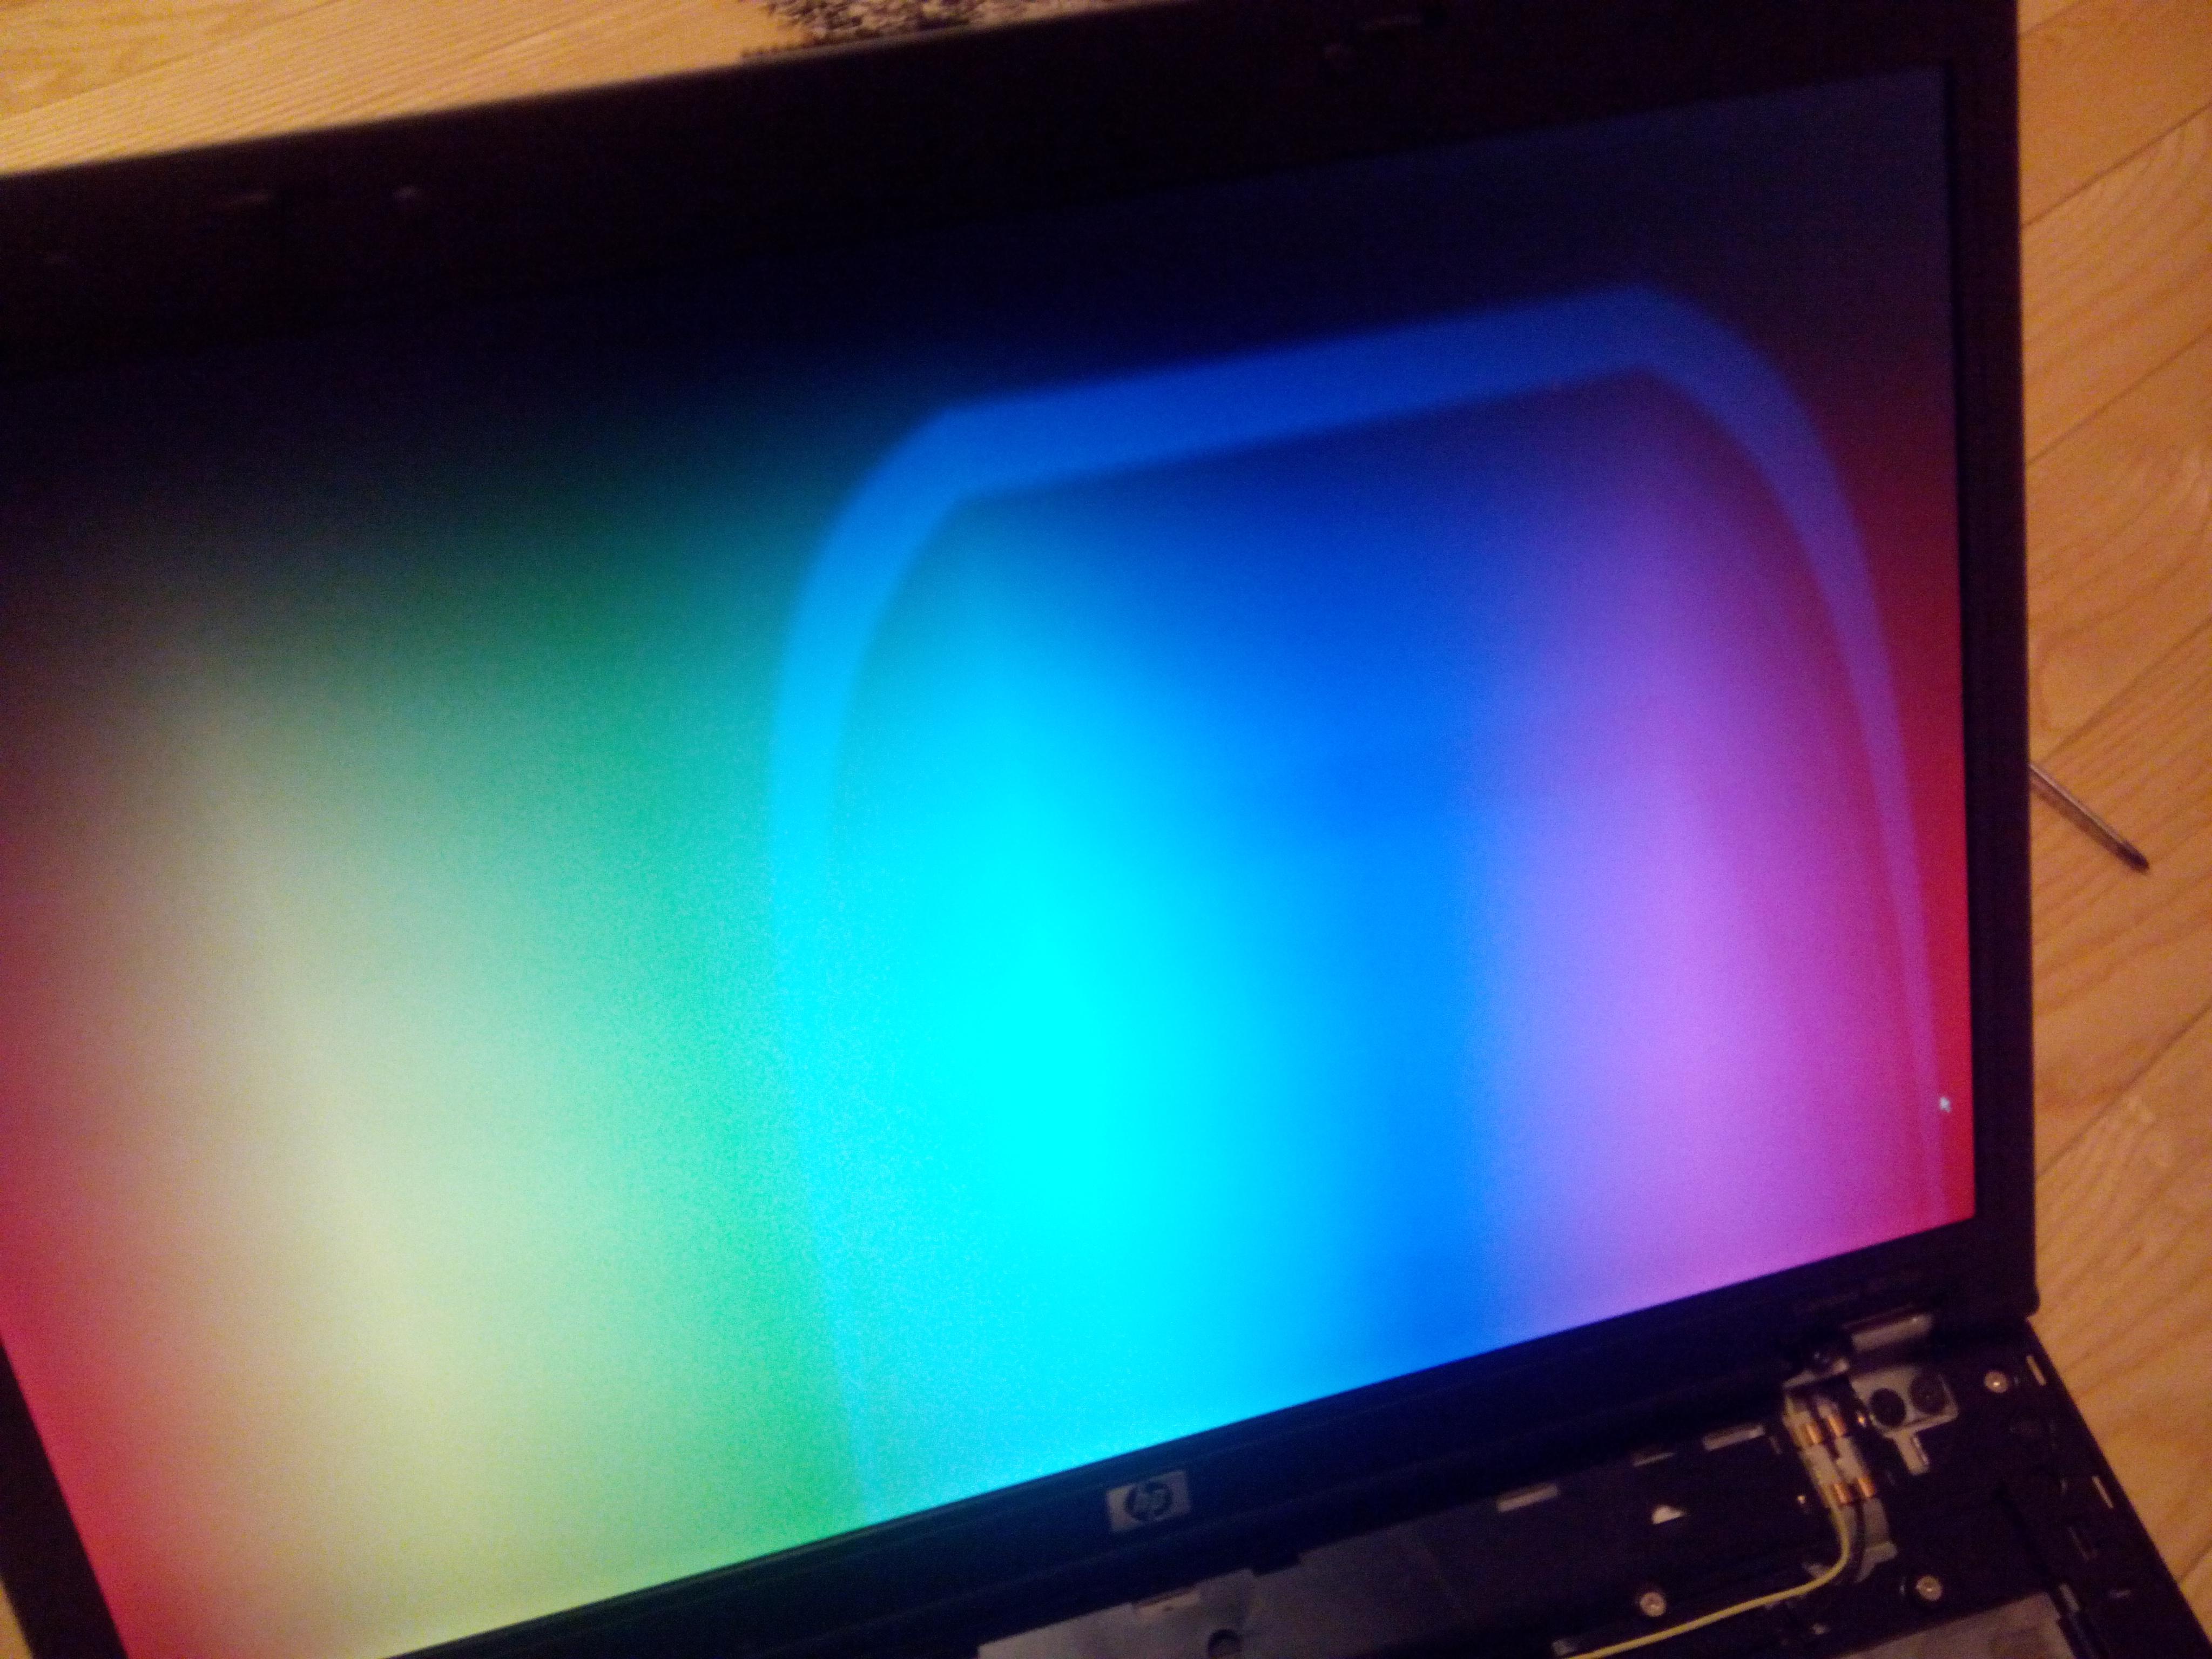 HP 8510w - LCD zn�w zwariowa� - szaleje szary kolor... (zdj�cia)